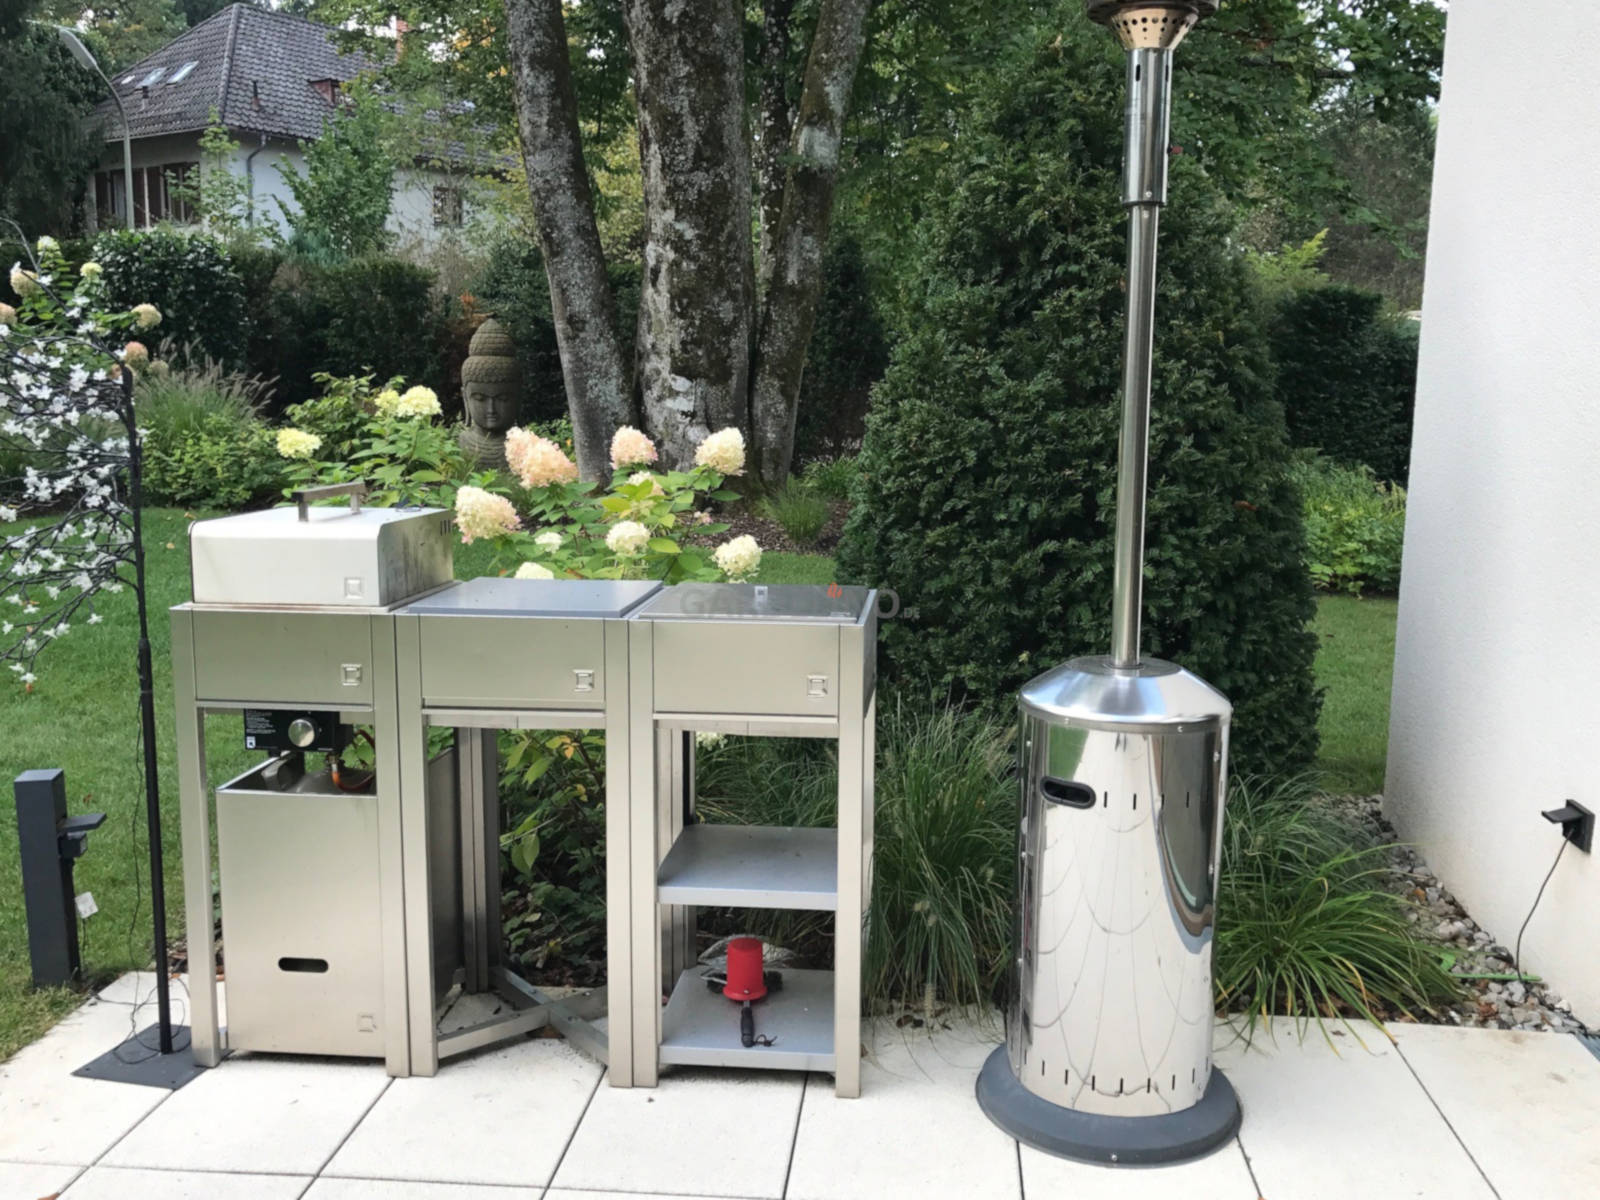 Outdoor Küche Auf Rädern : Outdoorküche günstig kaufen cafiro